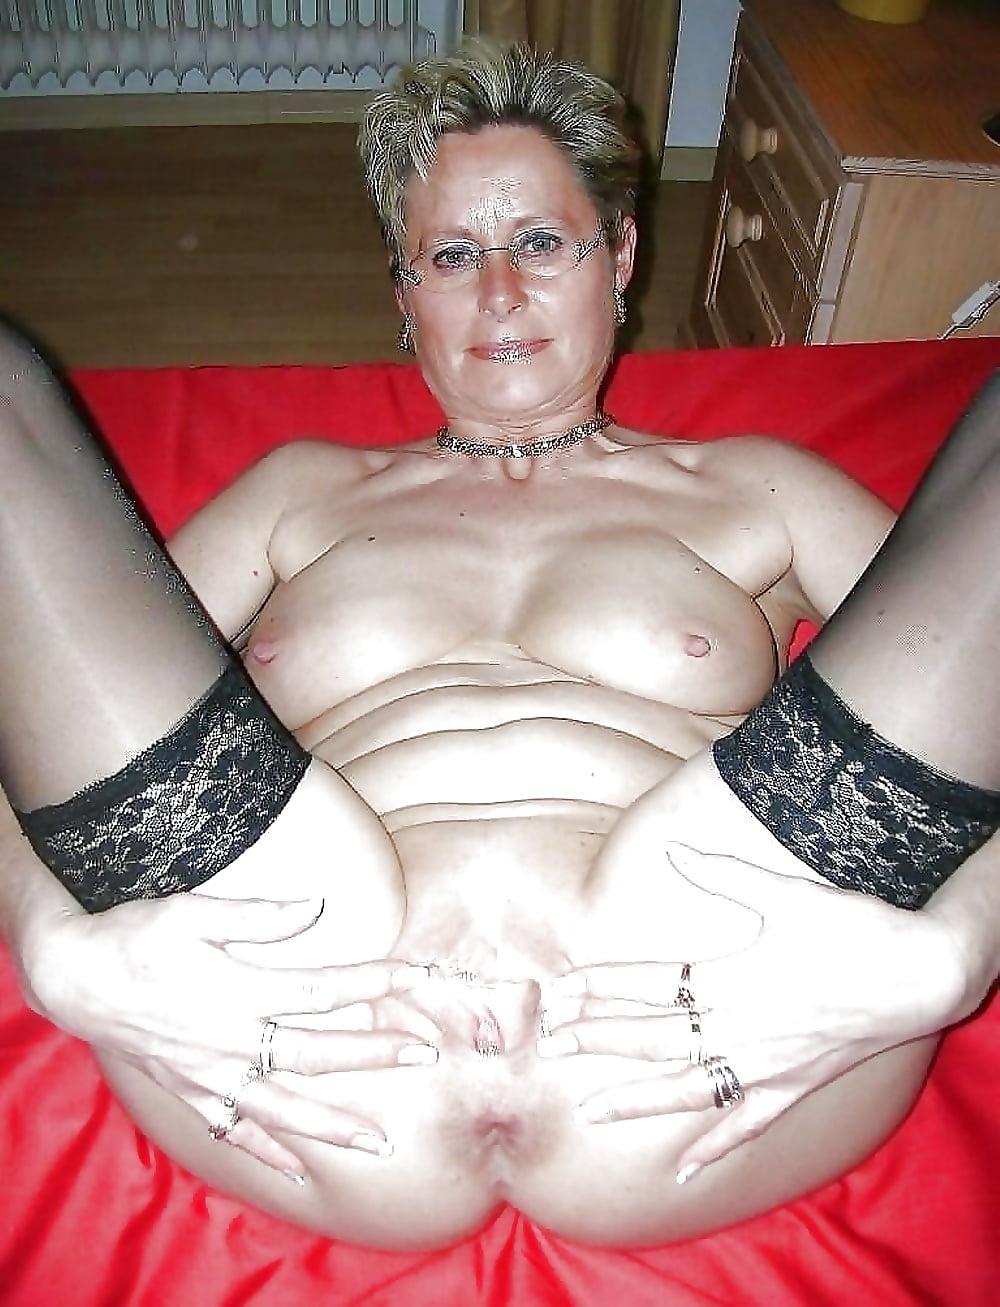 Free thumbs granny pussy slut whore #11